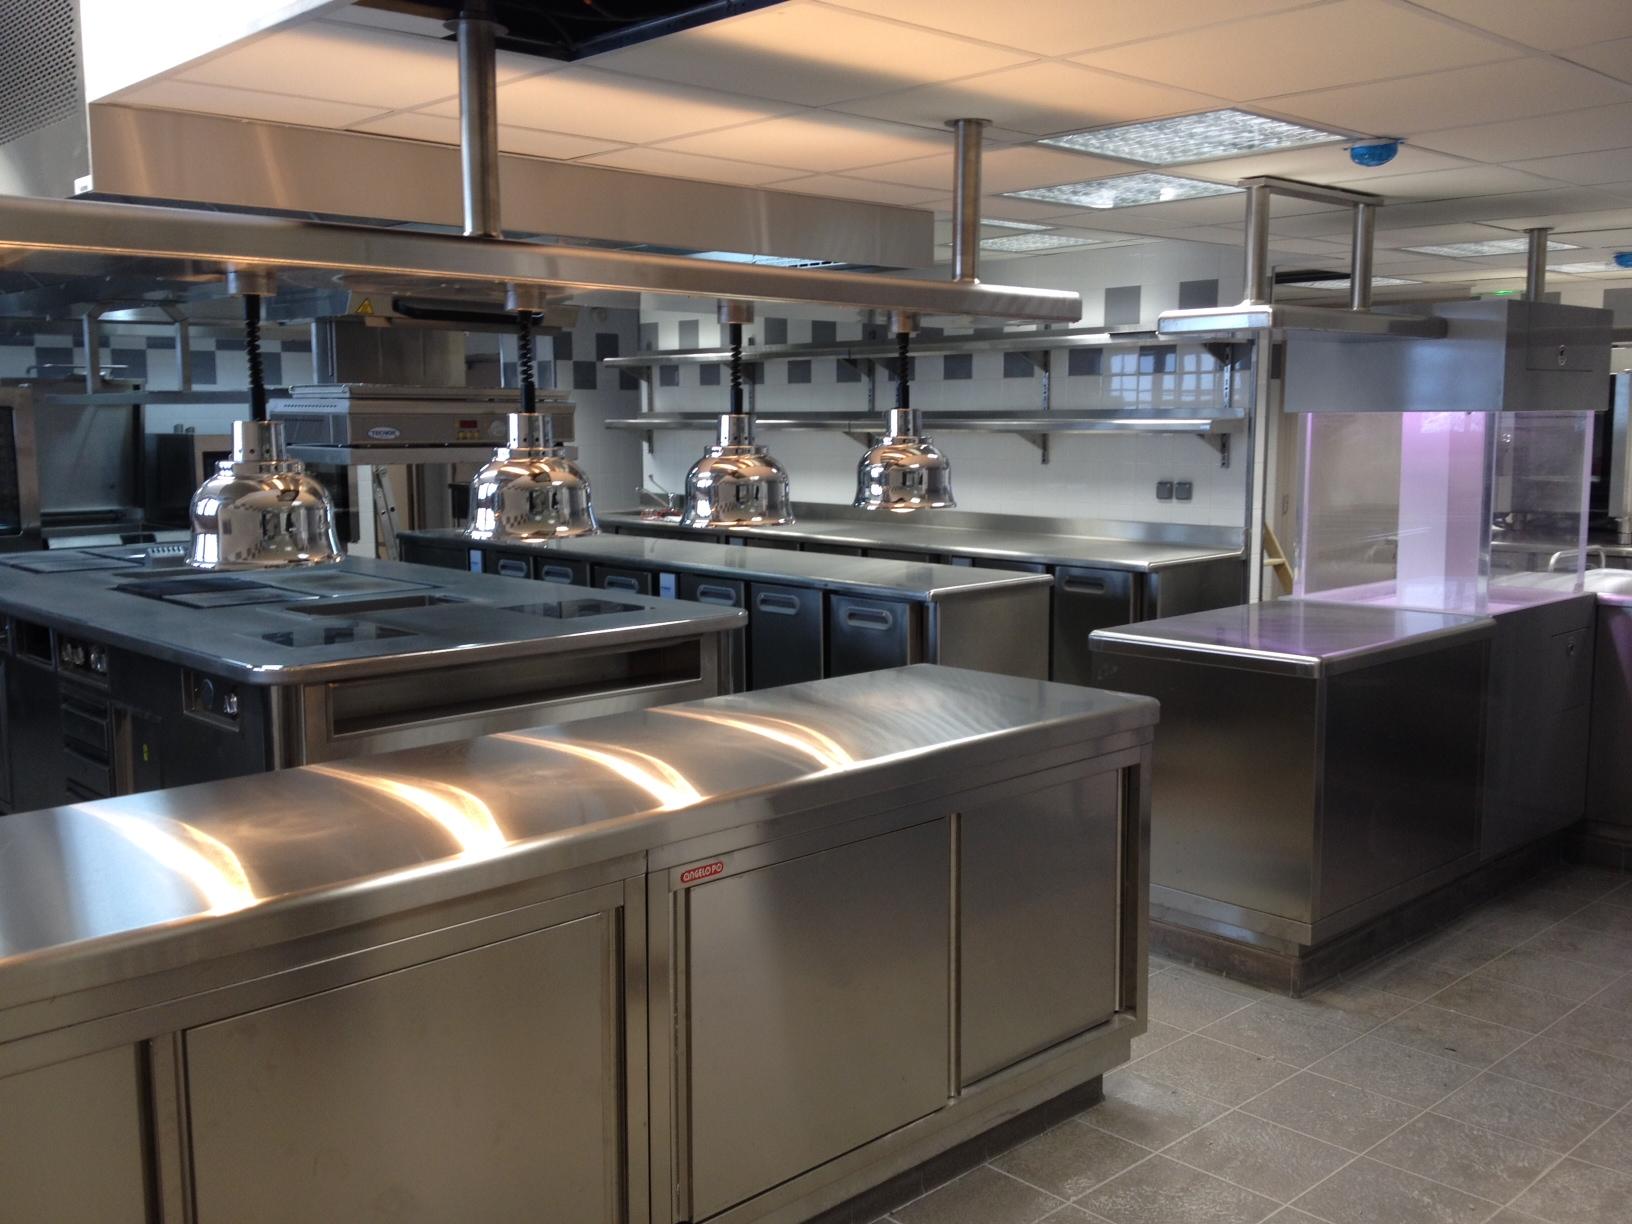 Hôtels matériel et équipement de cuisine professionnelle - Cuisine professionnelle maroc